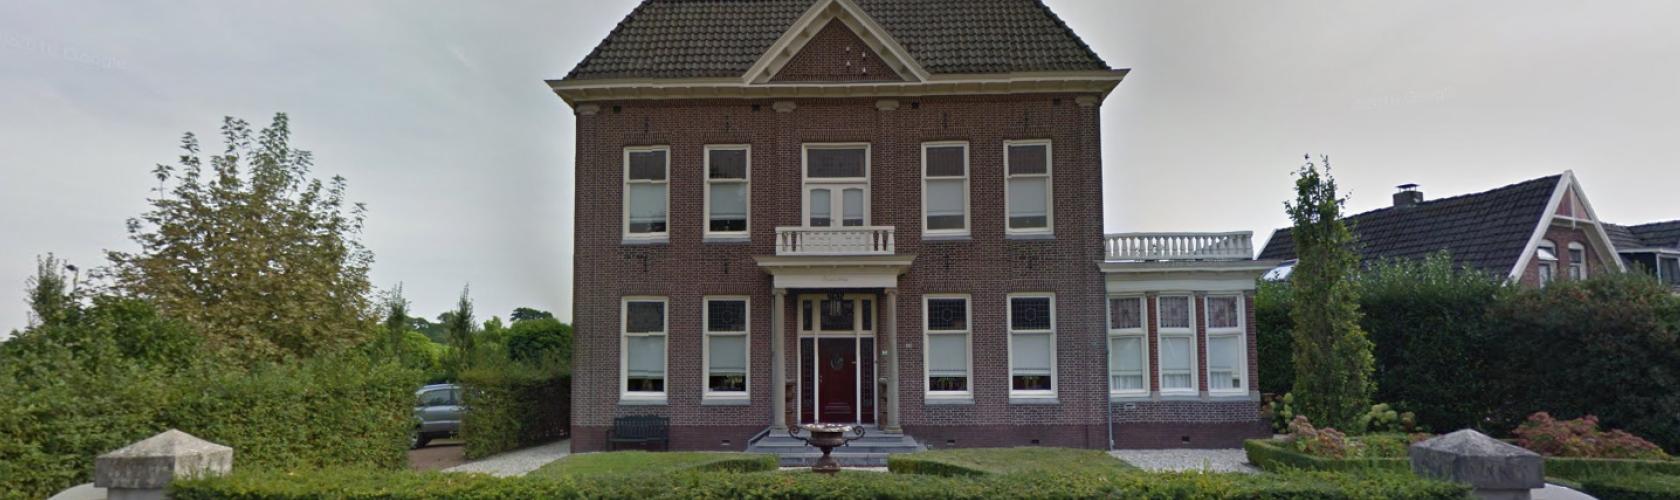 Header_Erfgoed-Oost-Achterhoek-De-Vinkenburg-Bredevoort